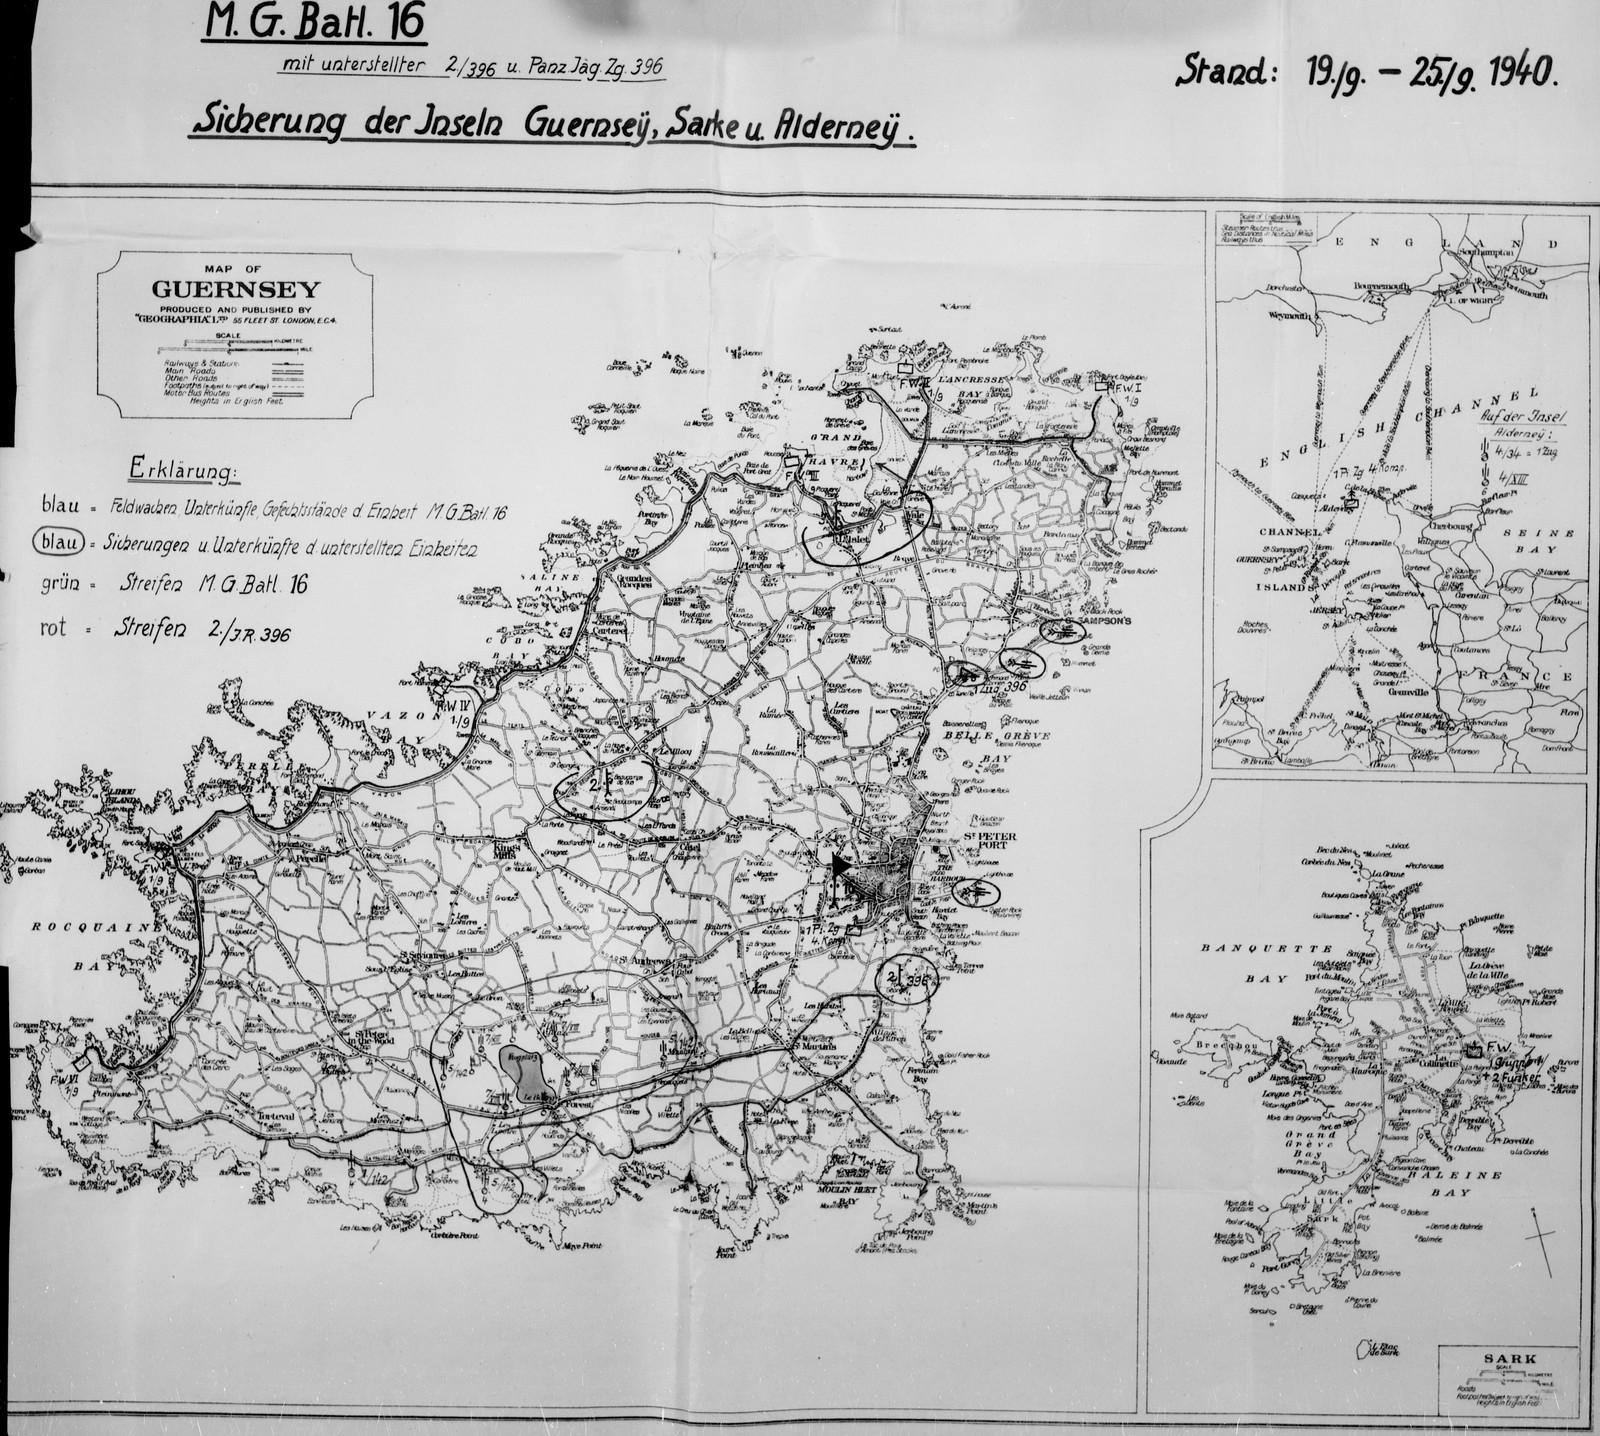 WW2 German Map of Guernsey on new zealand ww2, midway atoll ww2, english channel ww2, romania ww2, luxembourg ww2, switzerland ww2, london ww2, thailand ww2, kwajalein atoll ww2, iran ww2, england ww2, yugoslavia ww2, greenland ww2, spain ww2, hungary ww2, vietnam ww2, uruguay ww2, togo ww2, india ww2, estonia ww2,